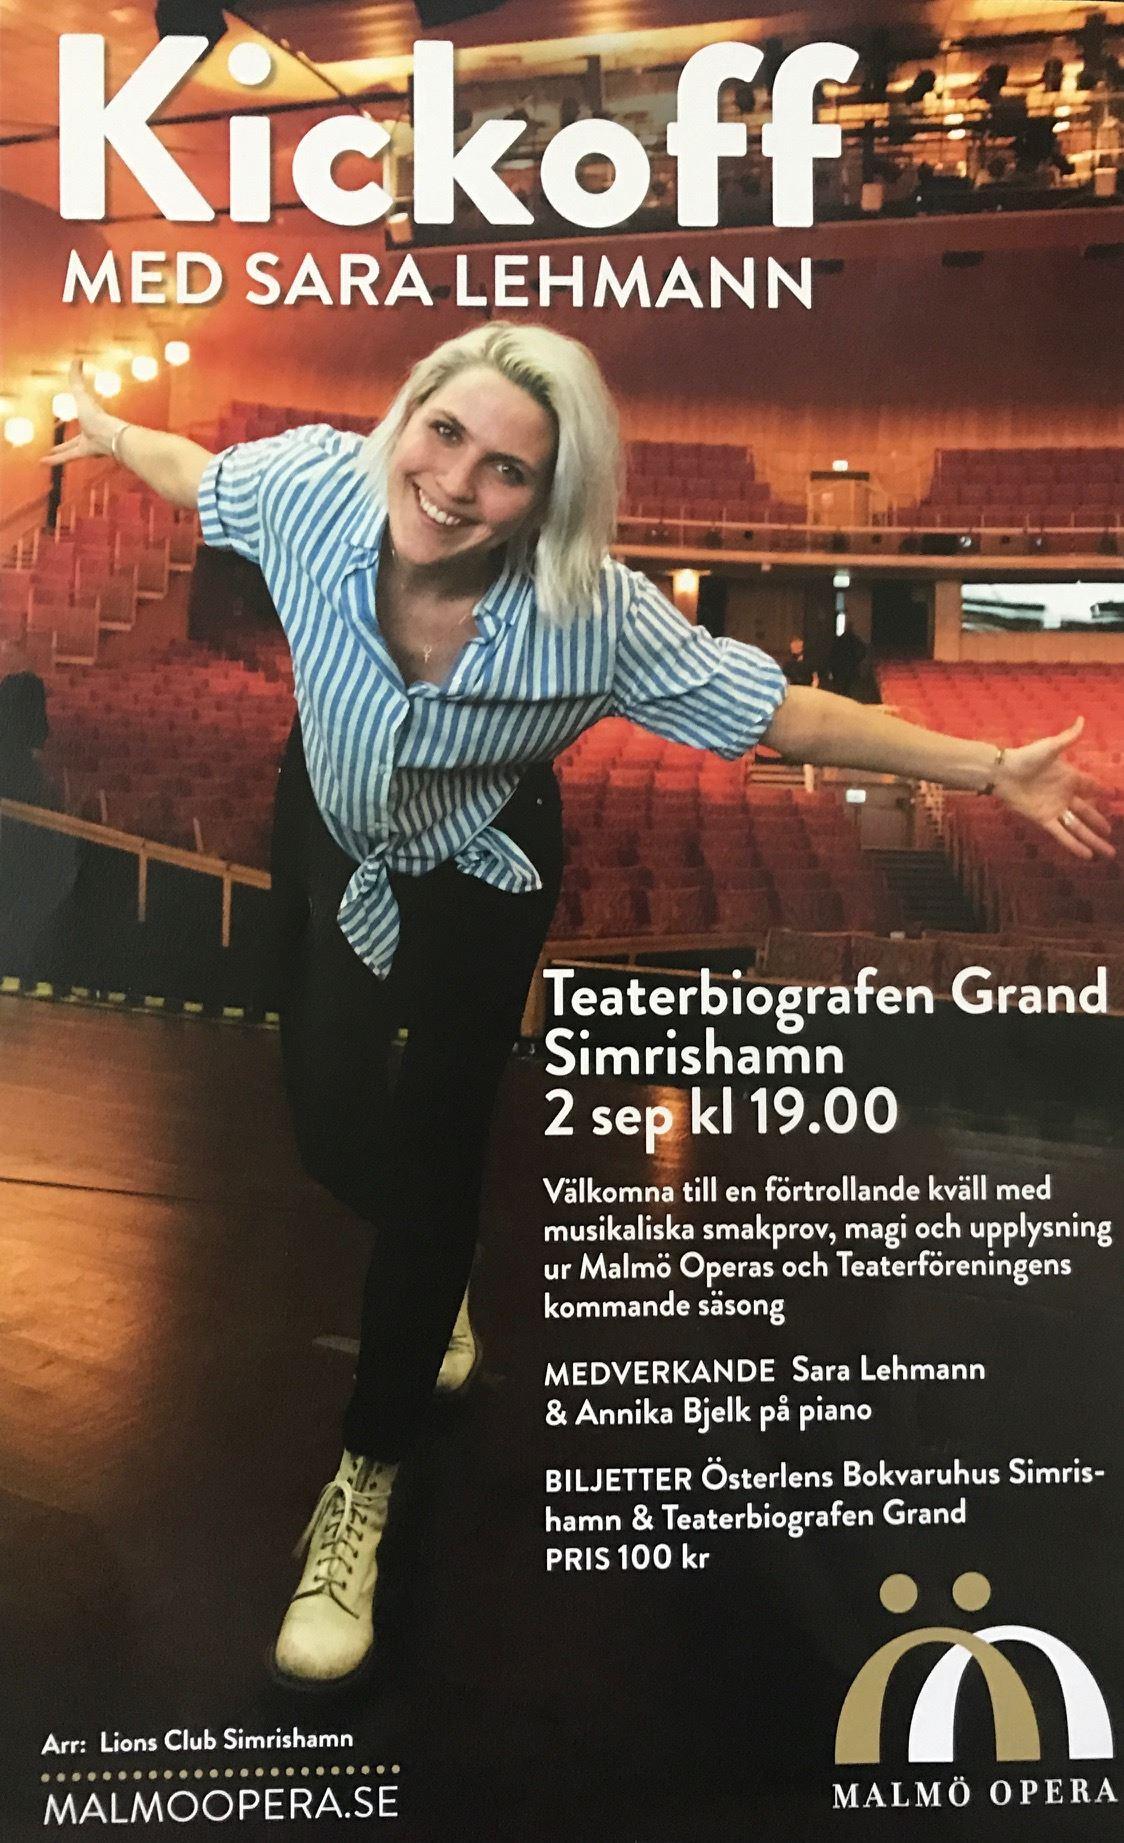 Kickoff Malmö Opera